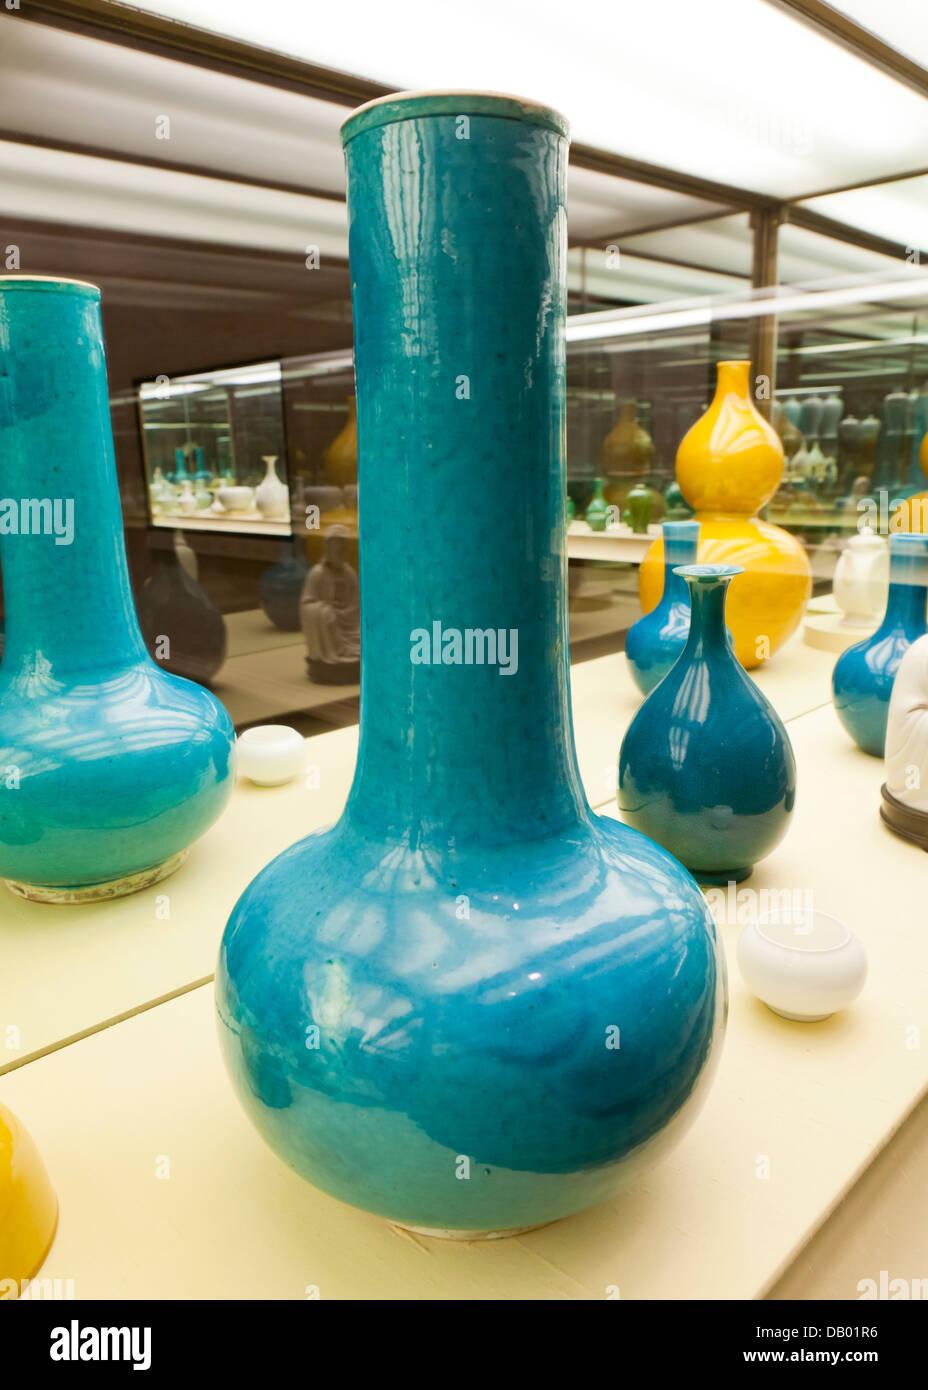 Large turquoise glazed porcelain vase - China, Qing dynasty, 18th century - Stock Image